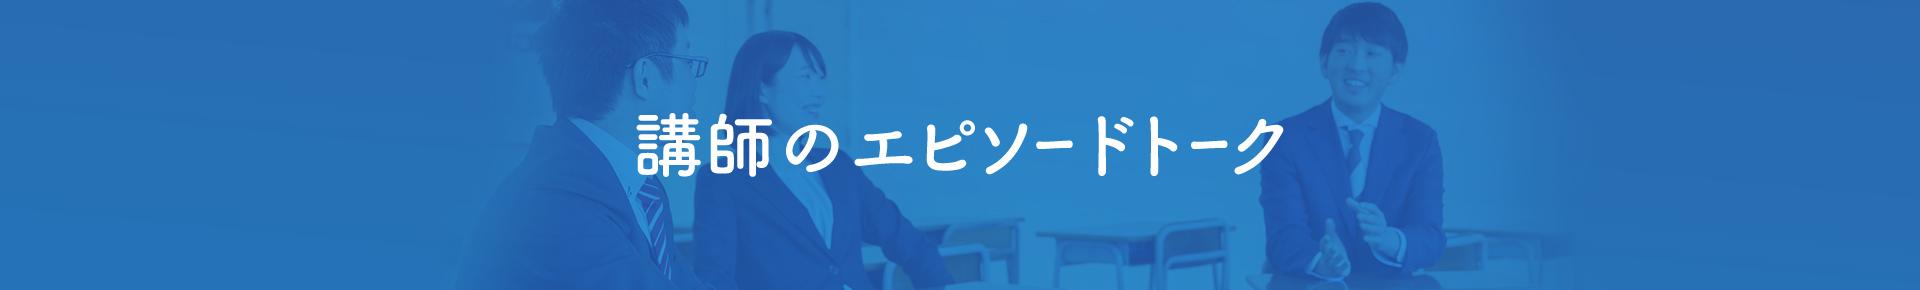 講師のエピソードトーク